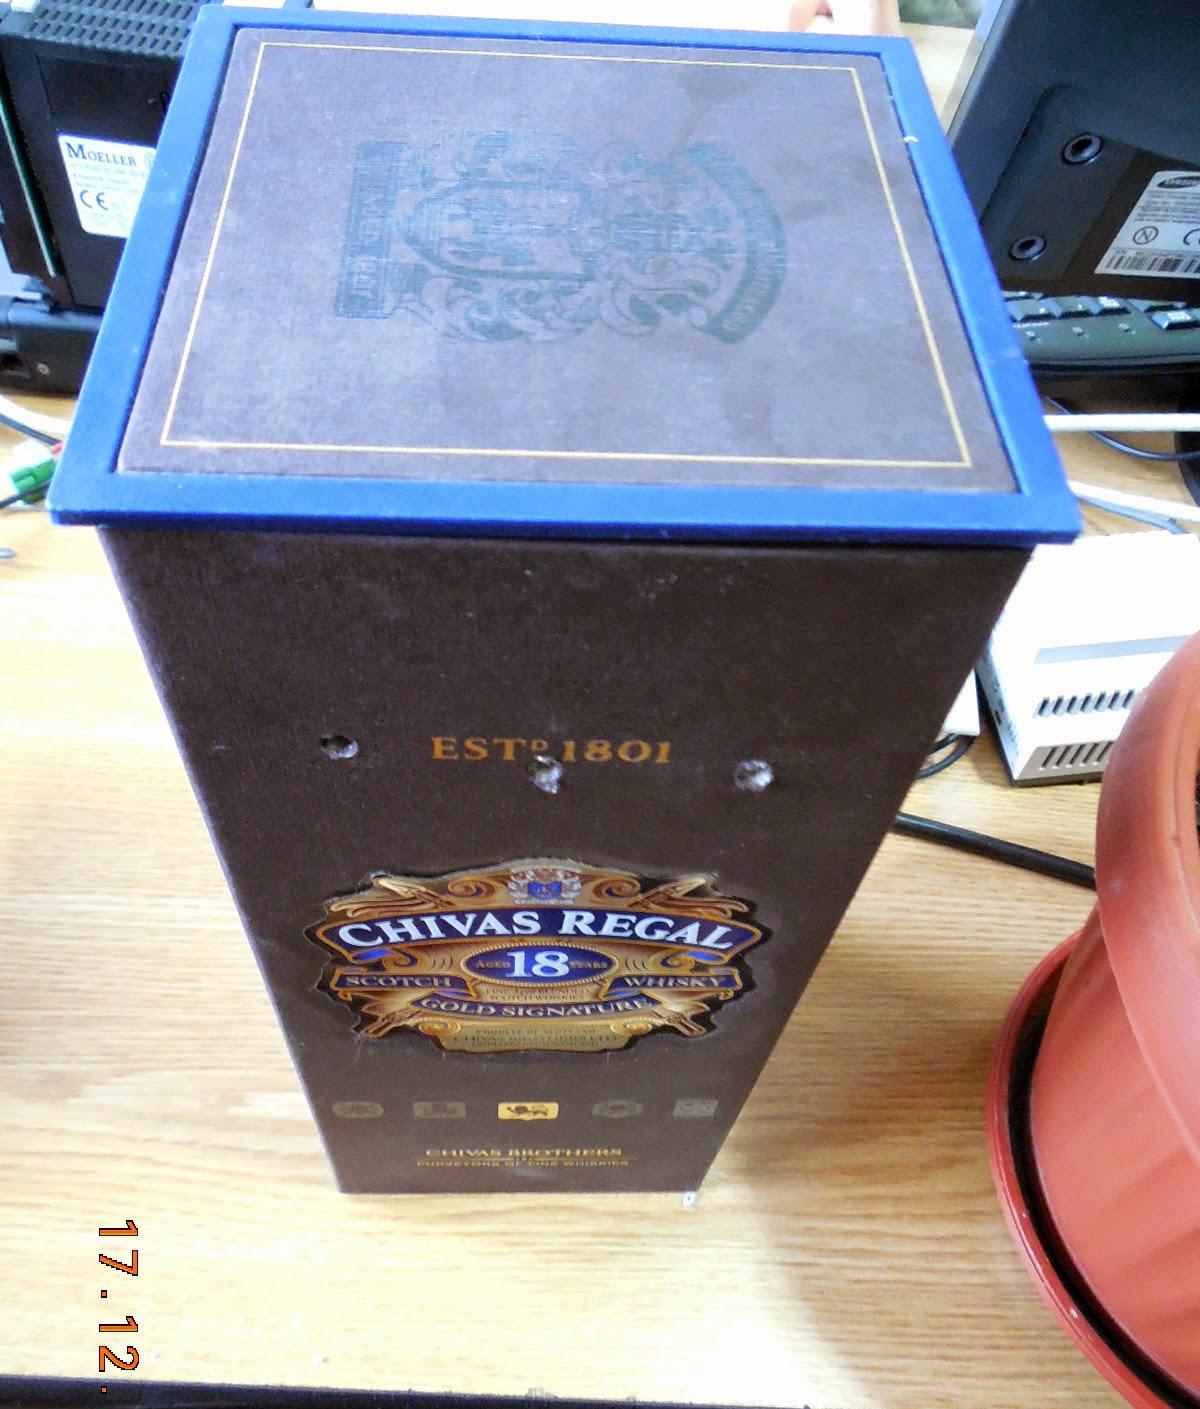 la cutie de Chivas Regal +18